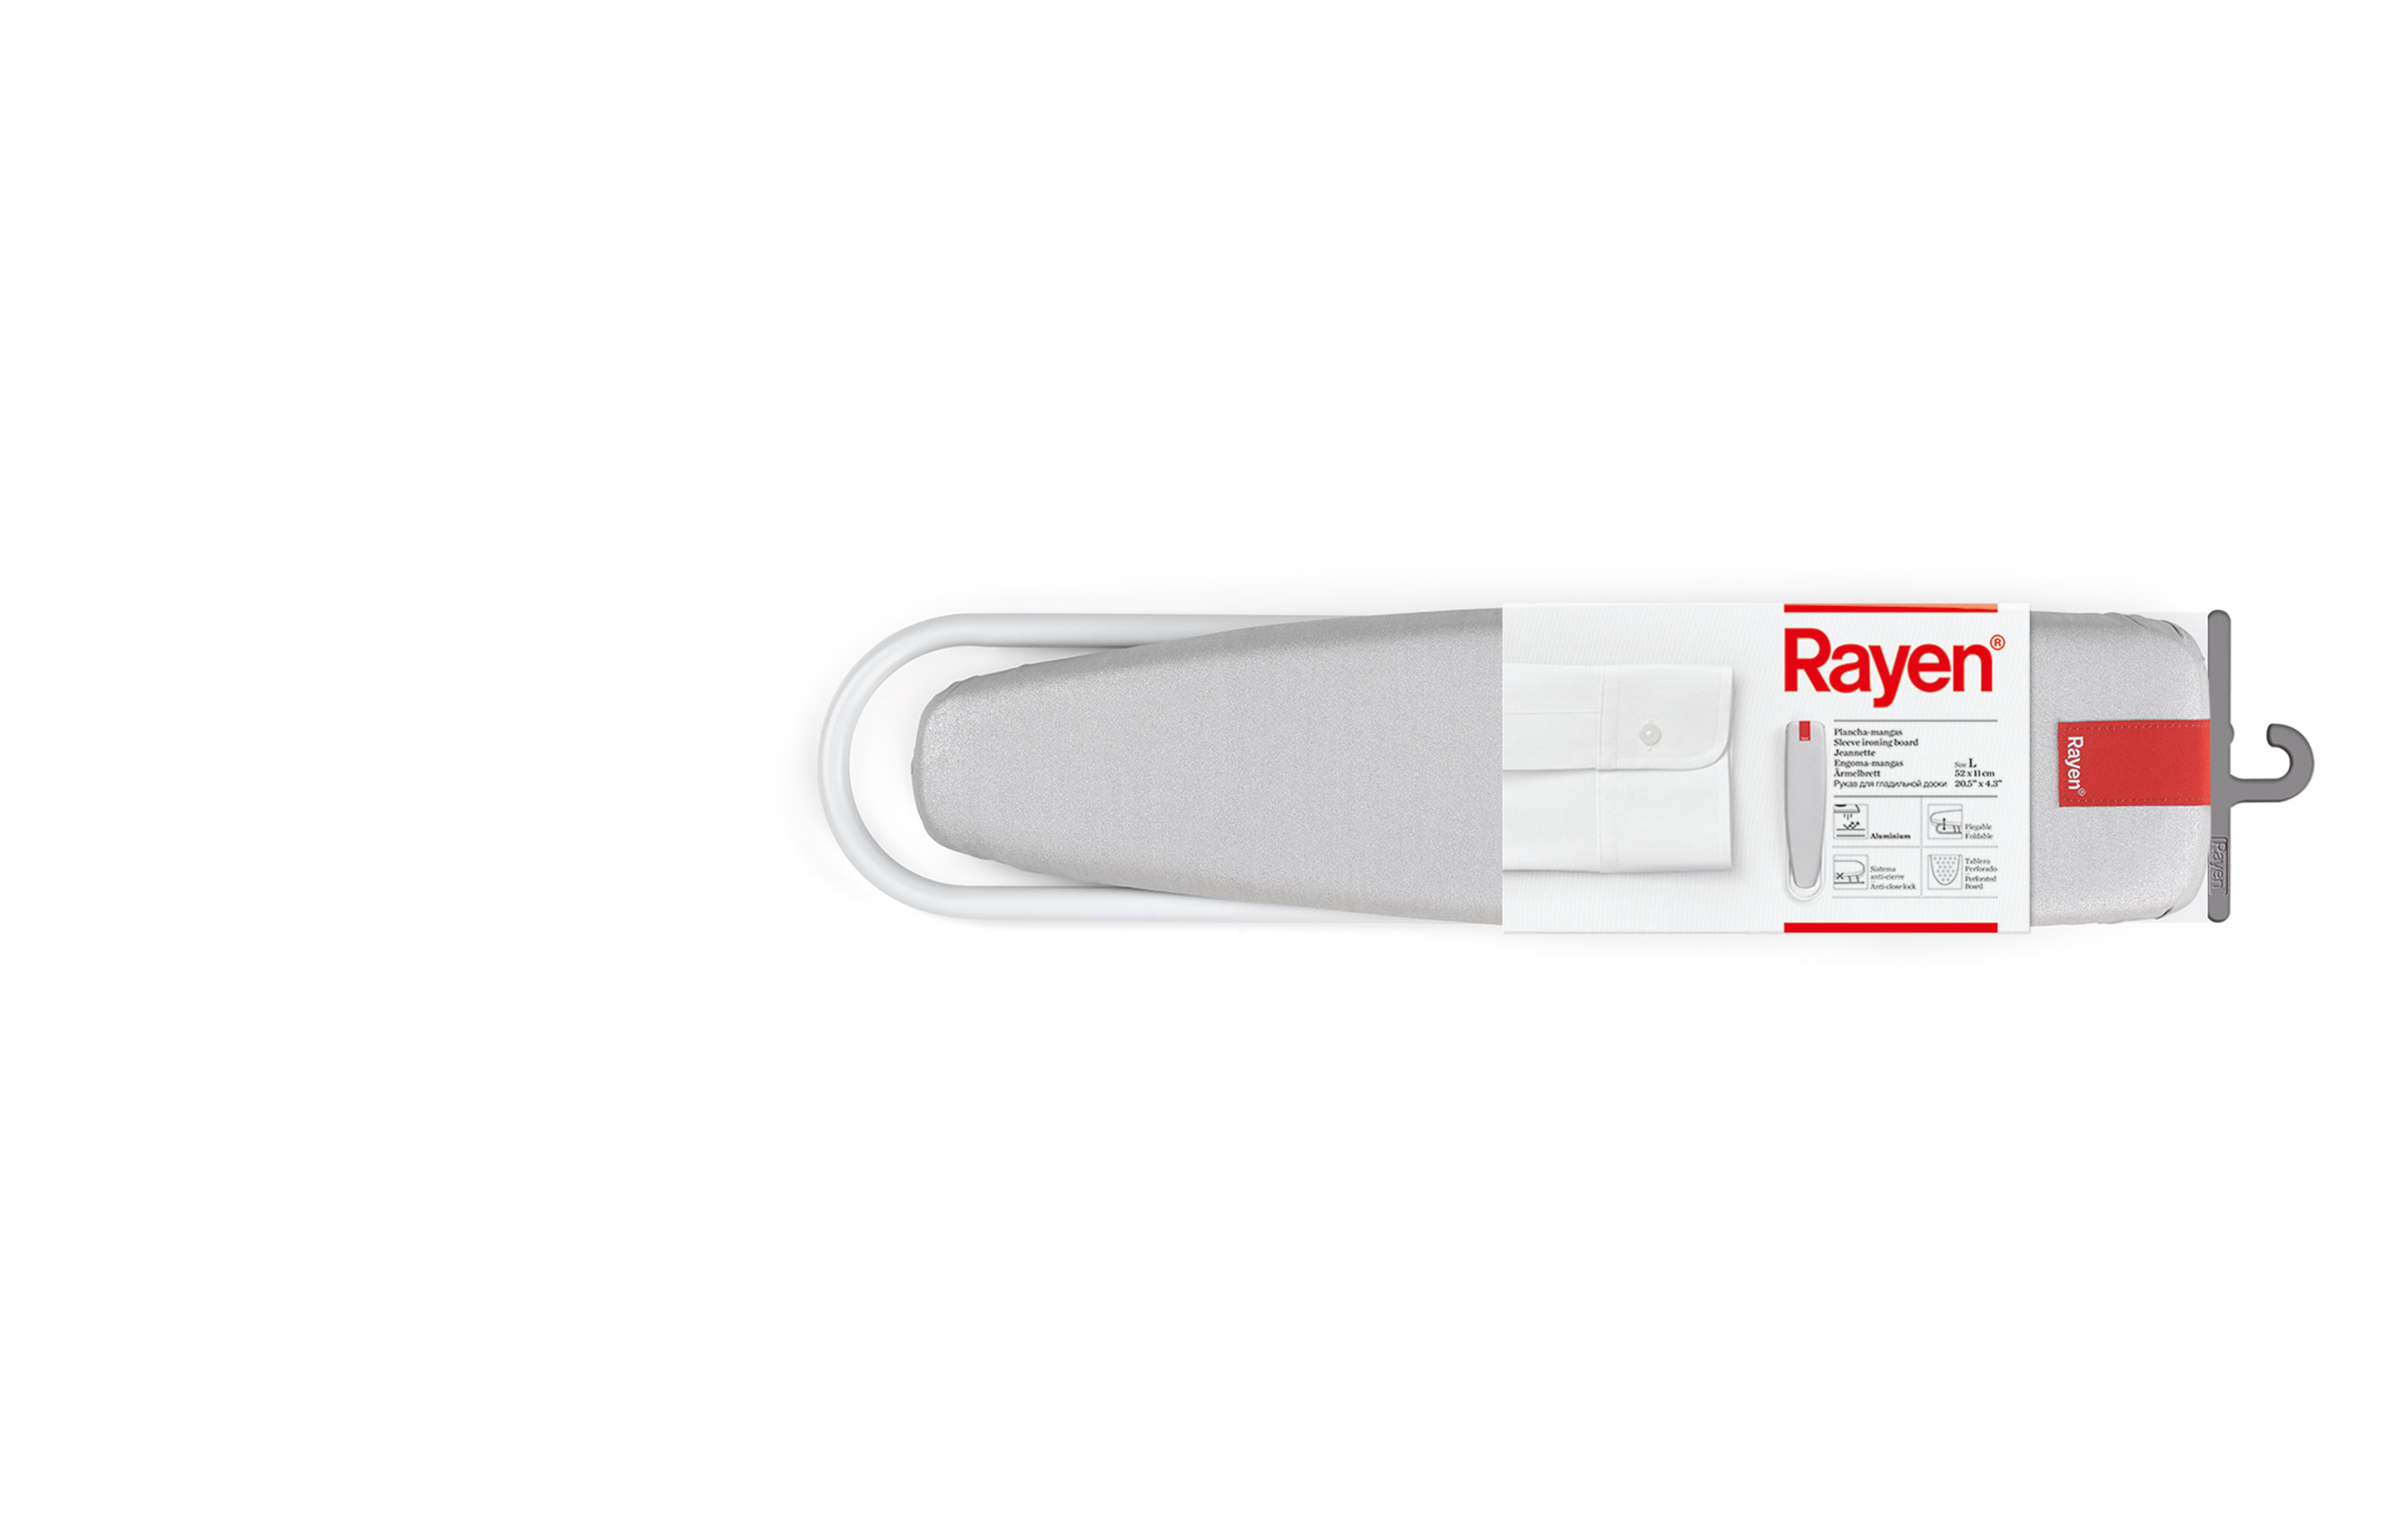 slider-tabla Rayen | Soluciones innovadoras para el hogar | Tabla plancha-mangas | Rayen.com